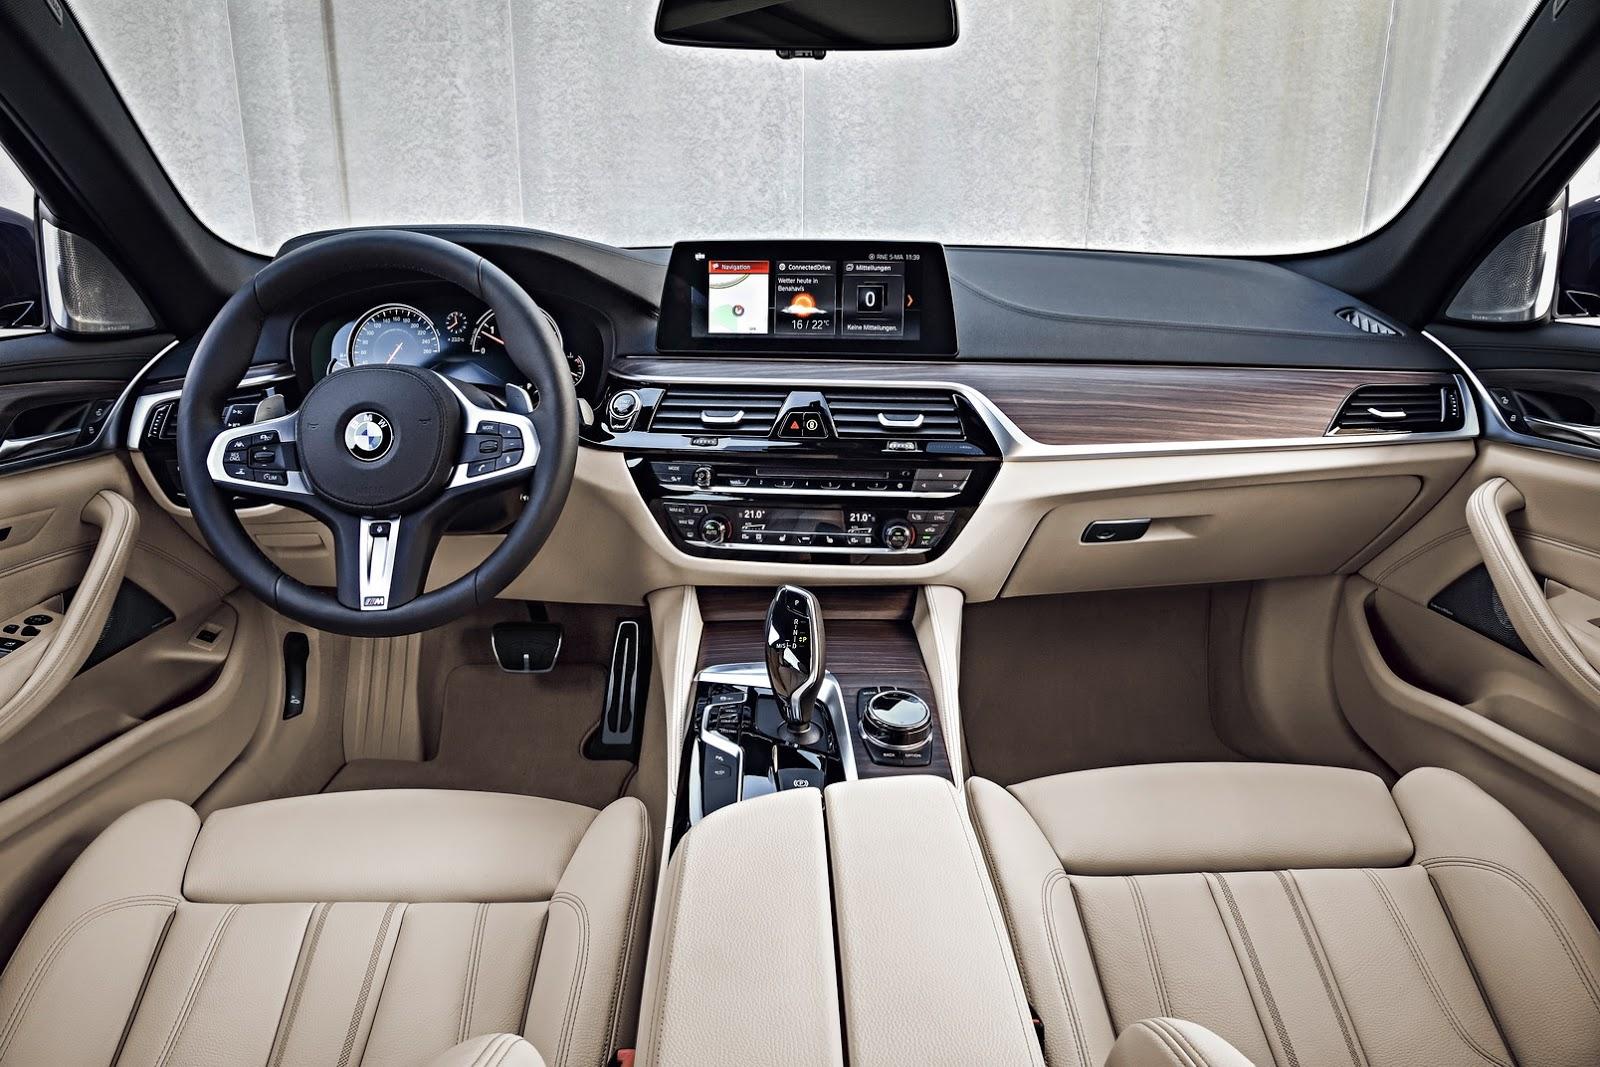 2018-BMW-5-Series-Touring-66